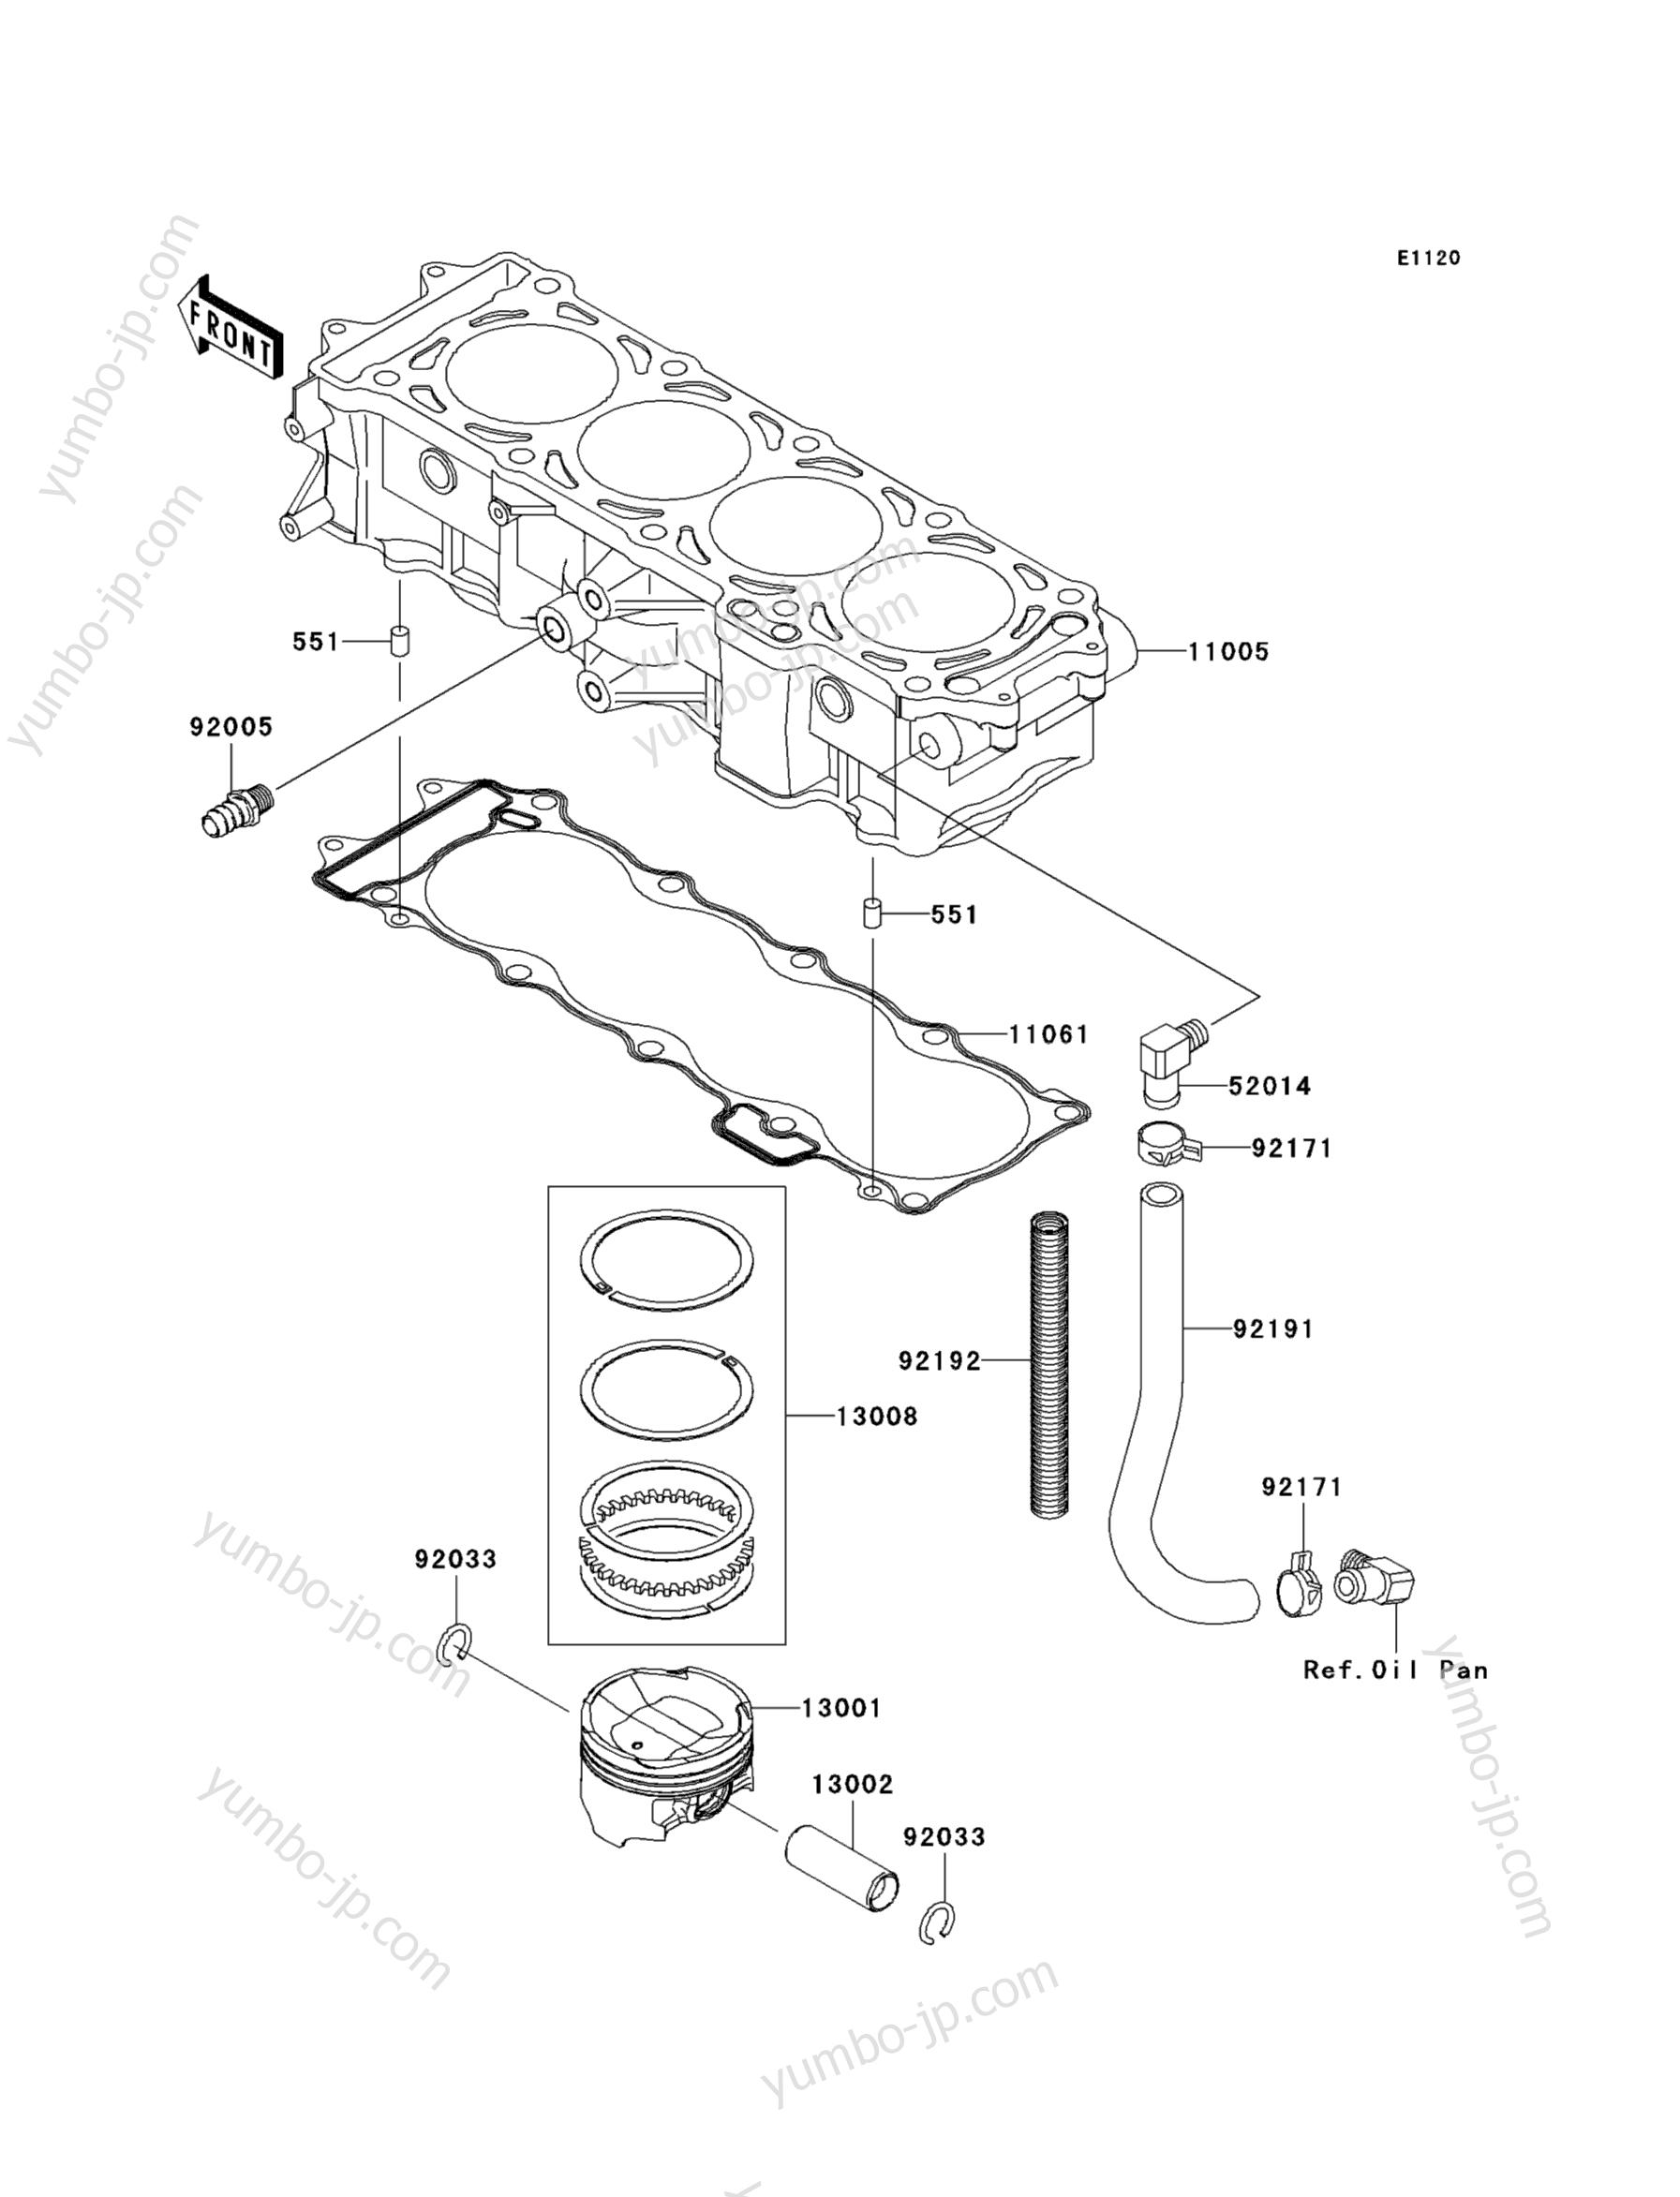 Cylinder/Piston(s) для гидроциклов KAWASAKI JET SKI ULTRA 260LX (JT1500F9F) 2009 г.